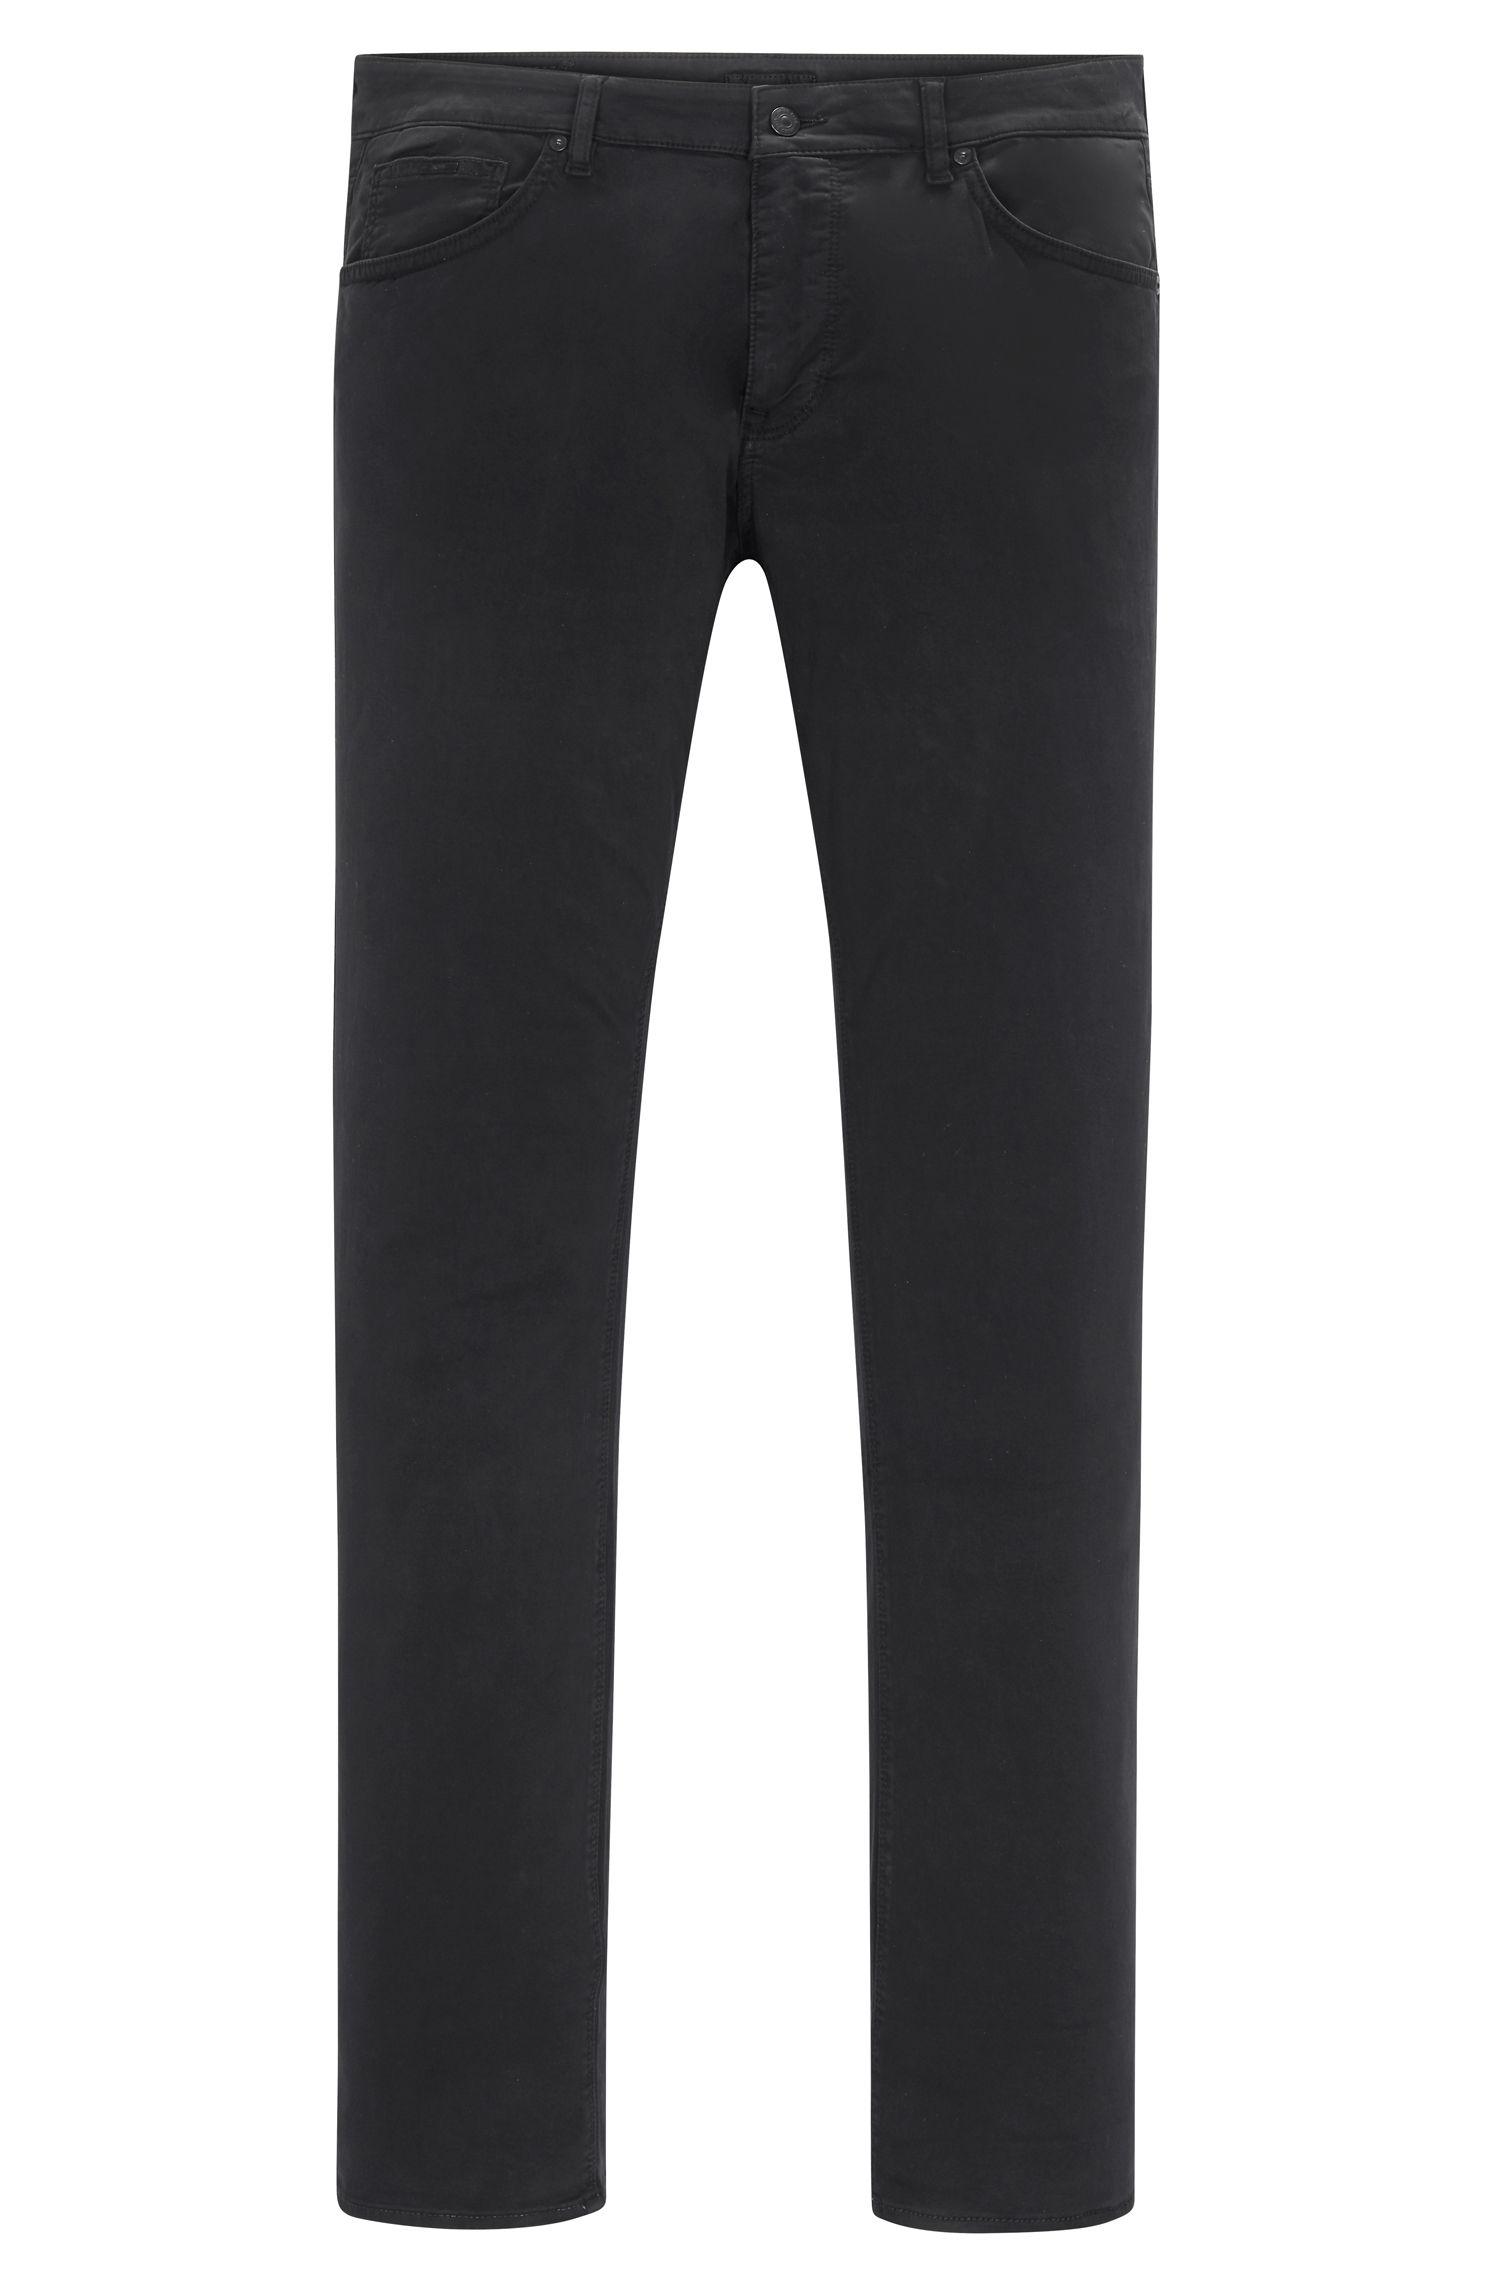 12 oz Stretch Cotton Pants, Regular Fit | Maine